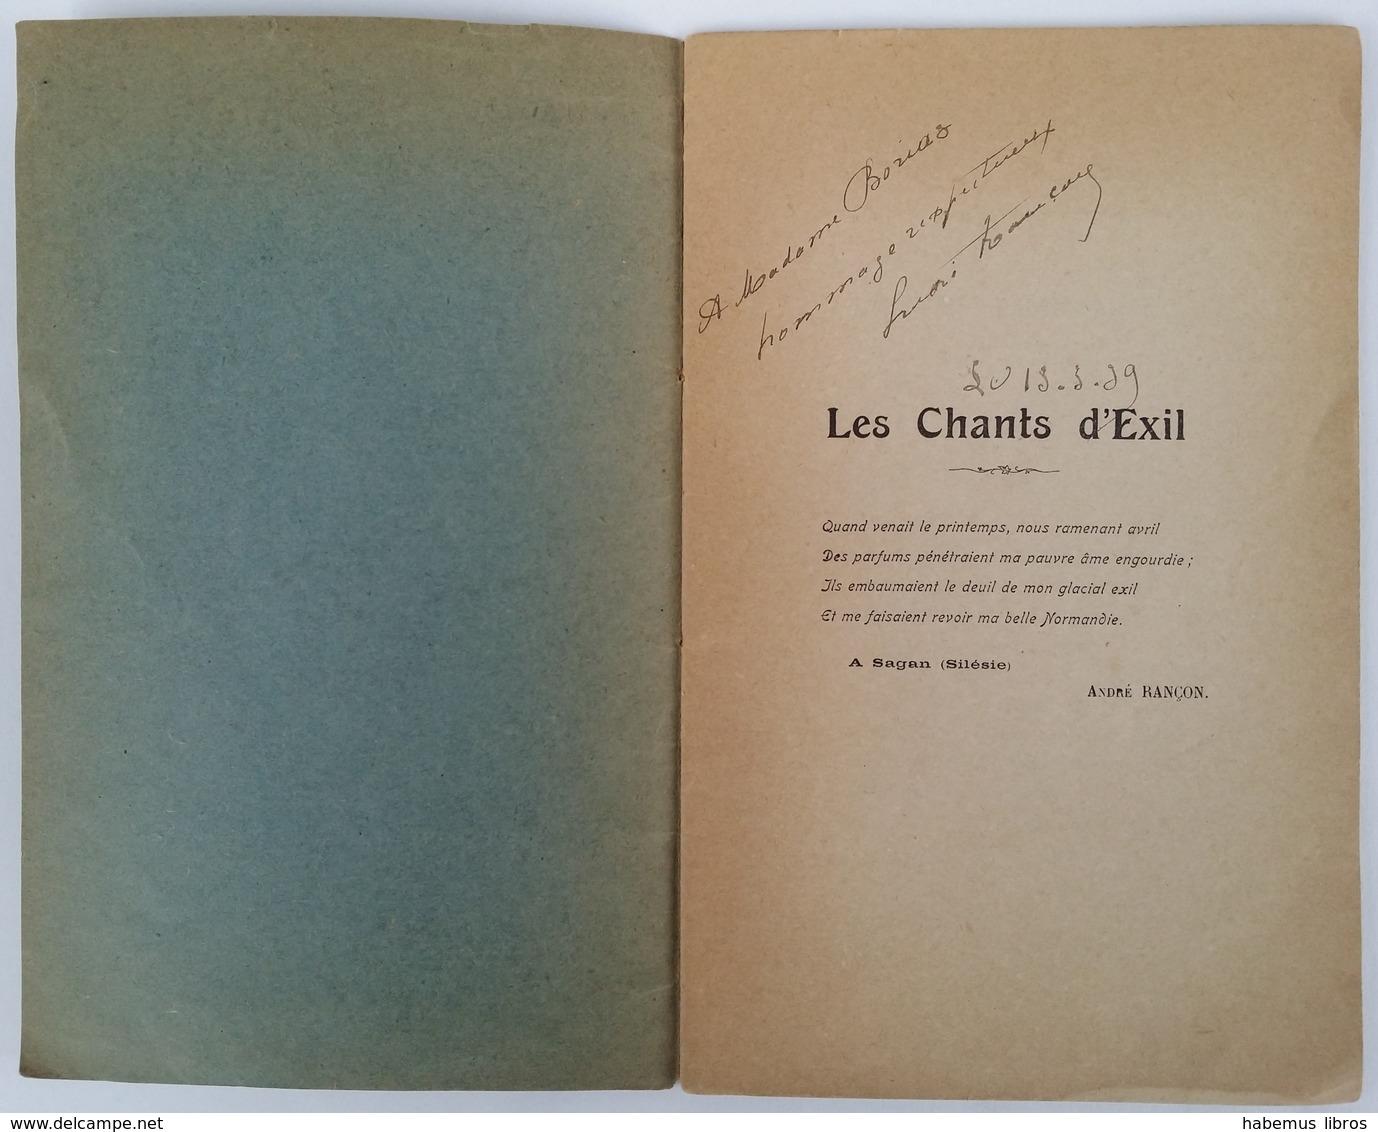 Les Chants D'exil / André Rançon. - Paris : L'Évolution Des Lettres, 1919 - Livres, BD, Revues